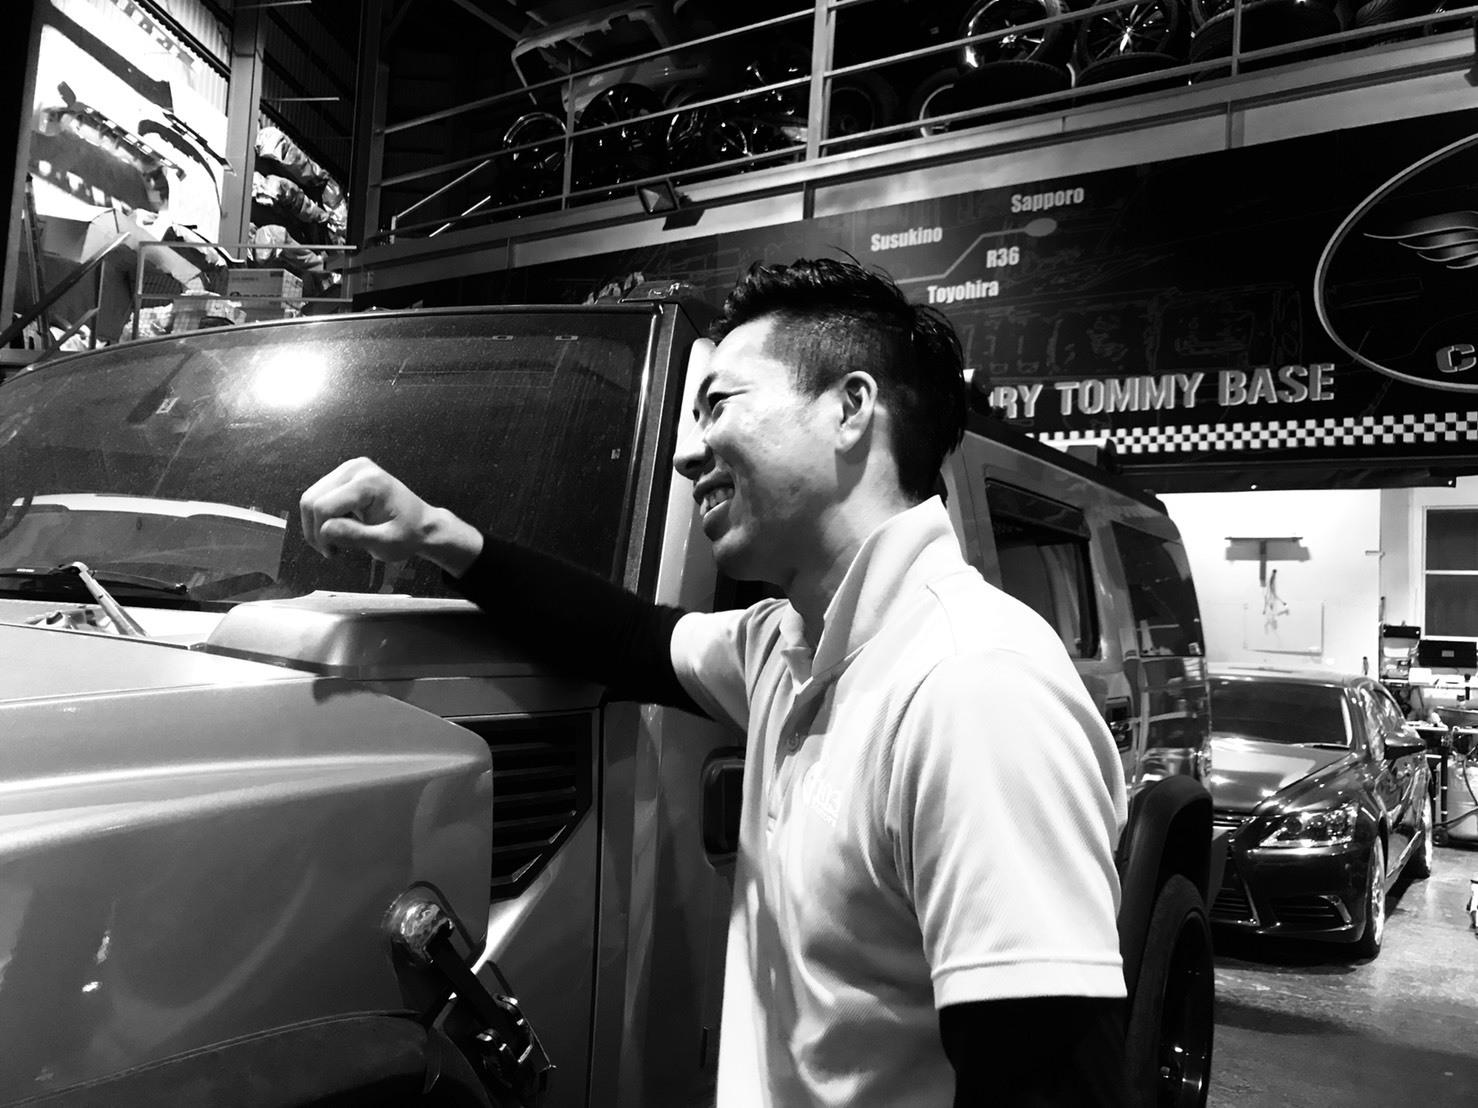 6月8日(金)トミーベース カスタムブログ☆ハマーH2 エスカレード続々入庫☆N様ラングらーご成約☆_b0127002_10544483.jpg